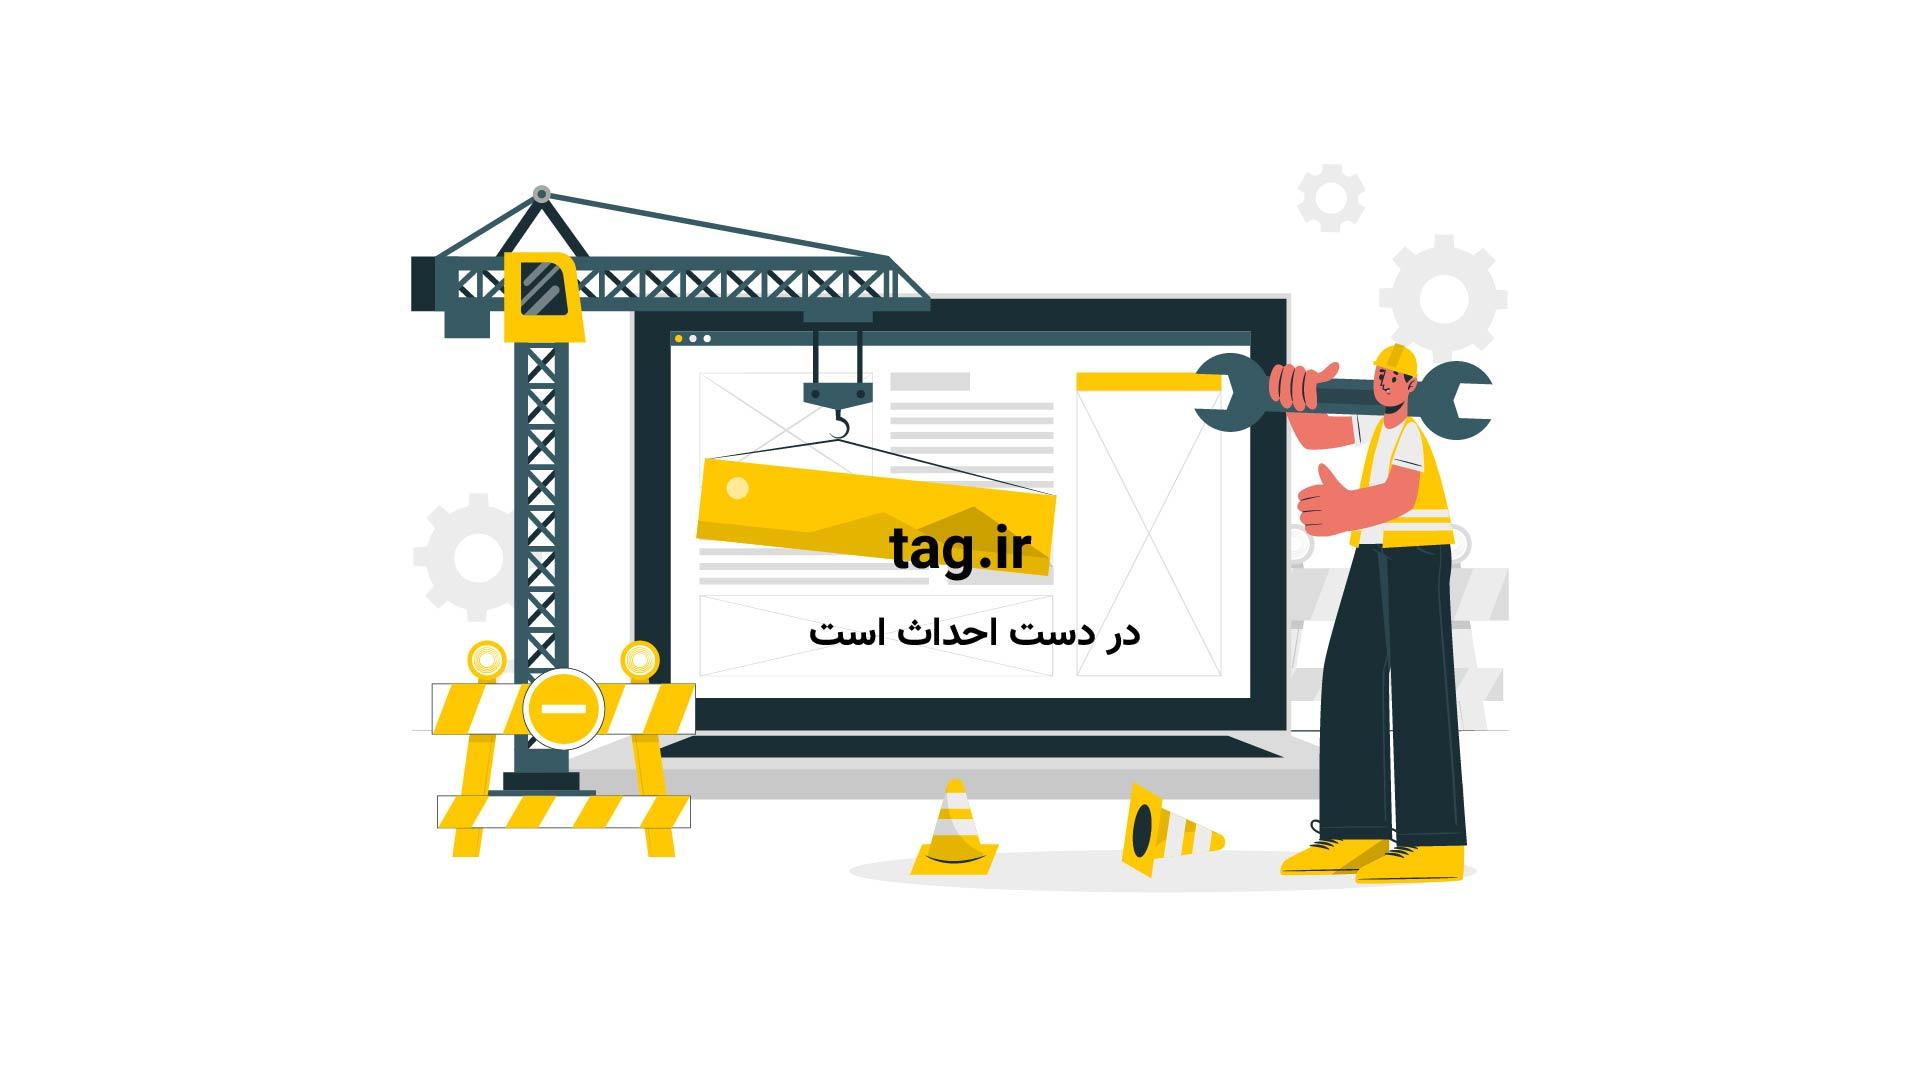 اسپینوسوروس دایناسور بزرگ ماهیخوار | فیلم